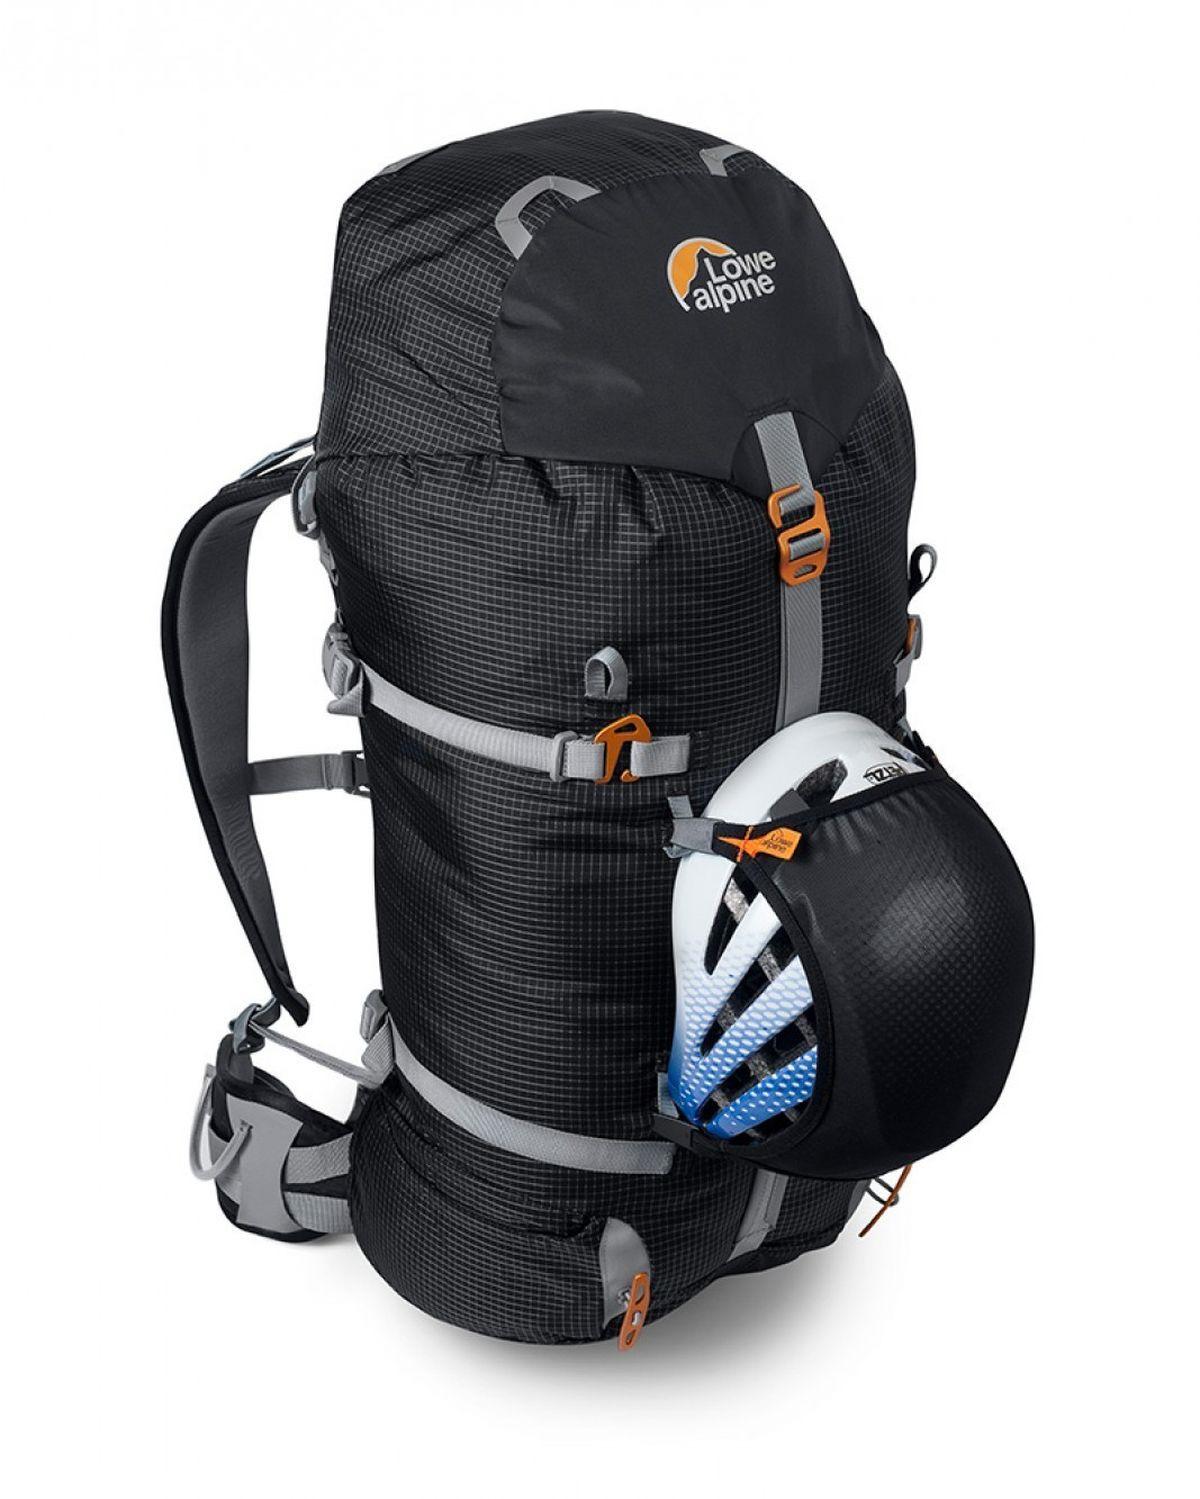 Держатель для шлема Lowe Alpine, FAE-72-BL-U, черный